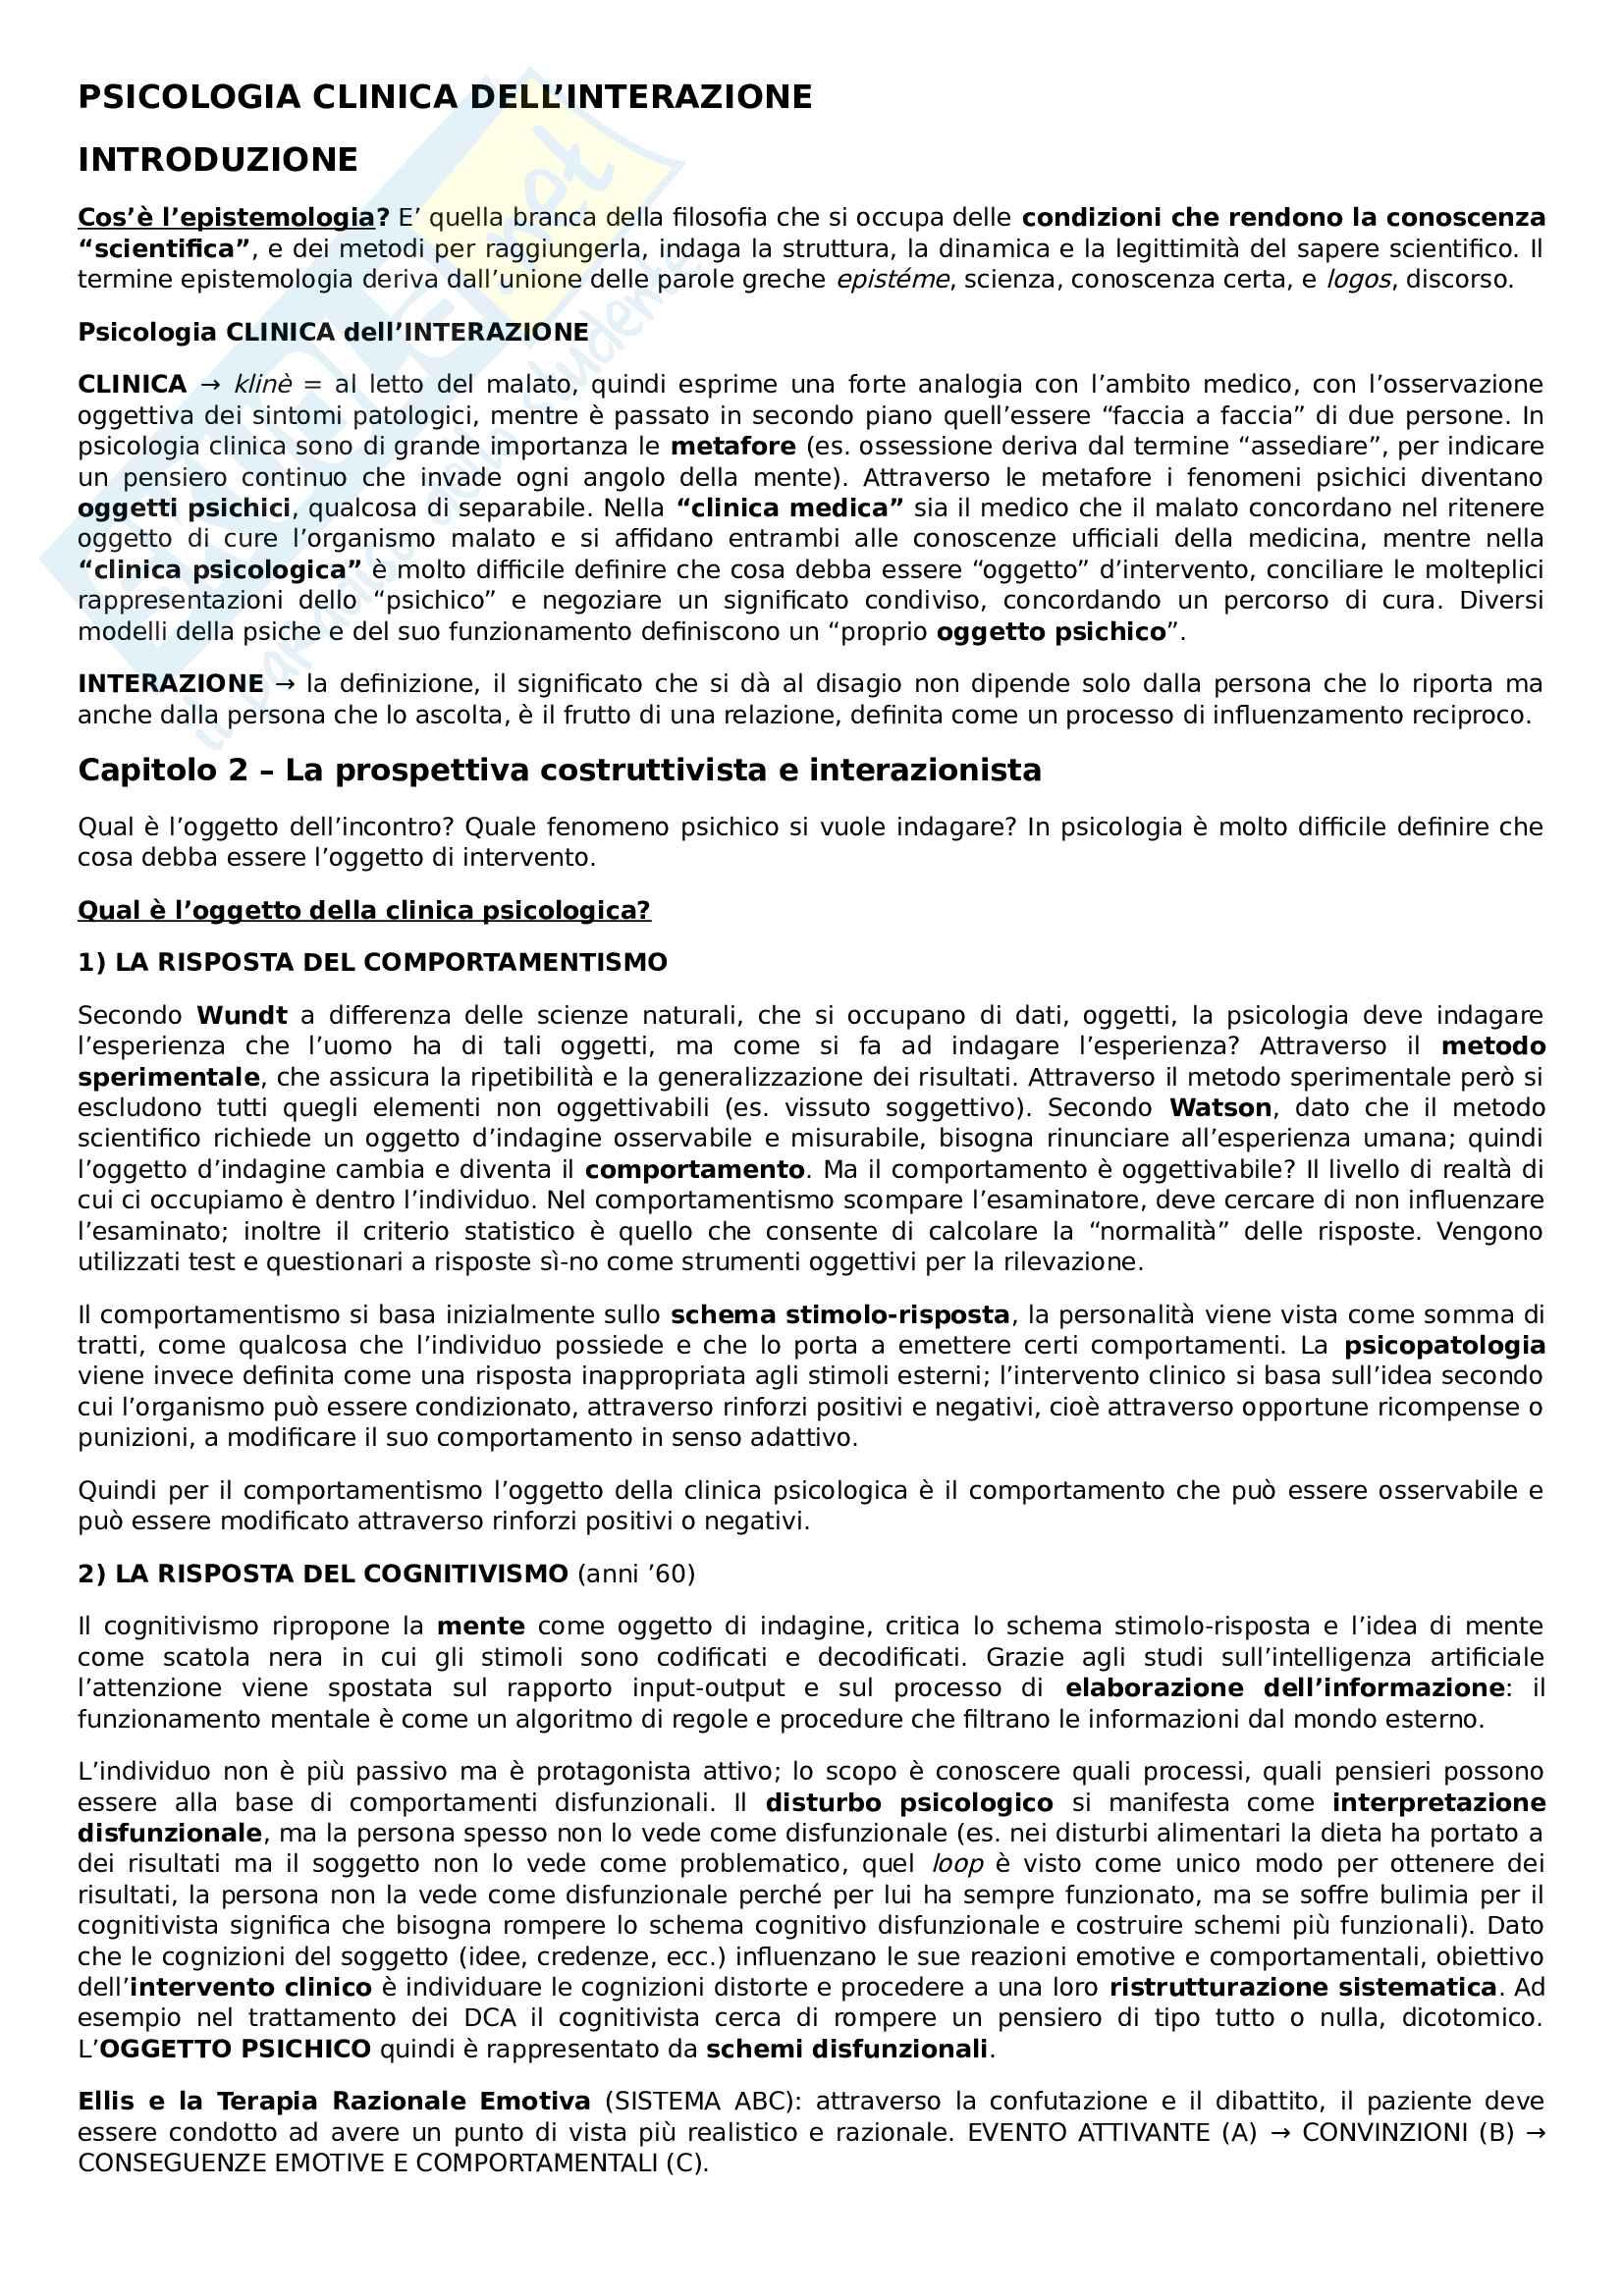 Riassunto esame Psicologia Clinica dell'Interazione, prof.ssa Faccio